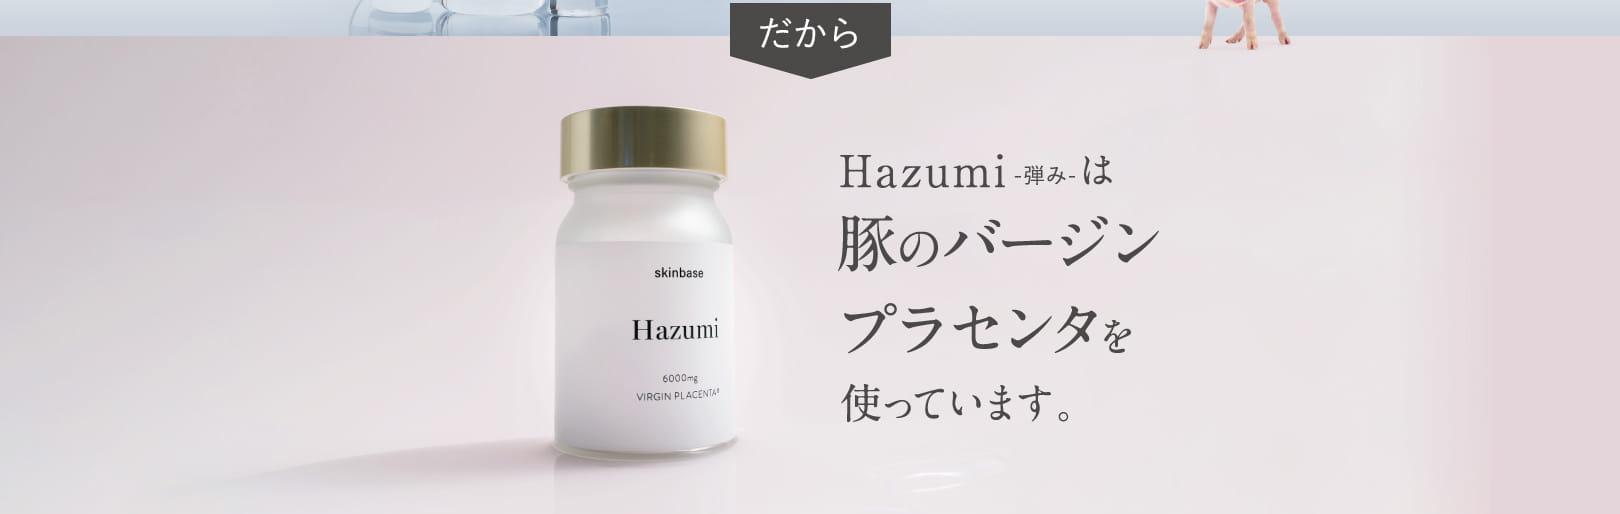 Hazumi-弾み-は豚のバージンプラセンタを使っています。